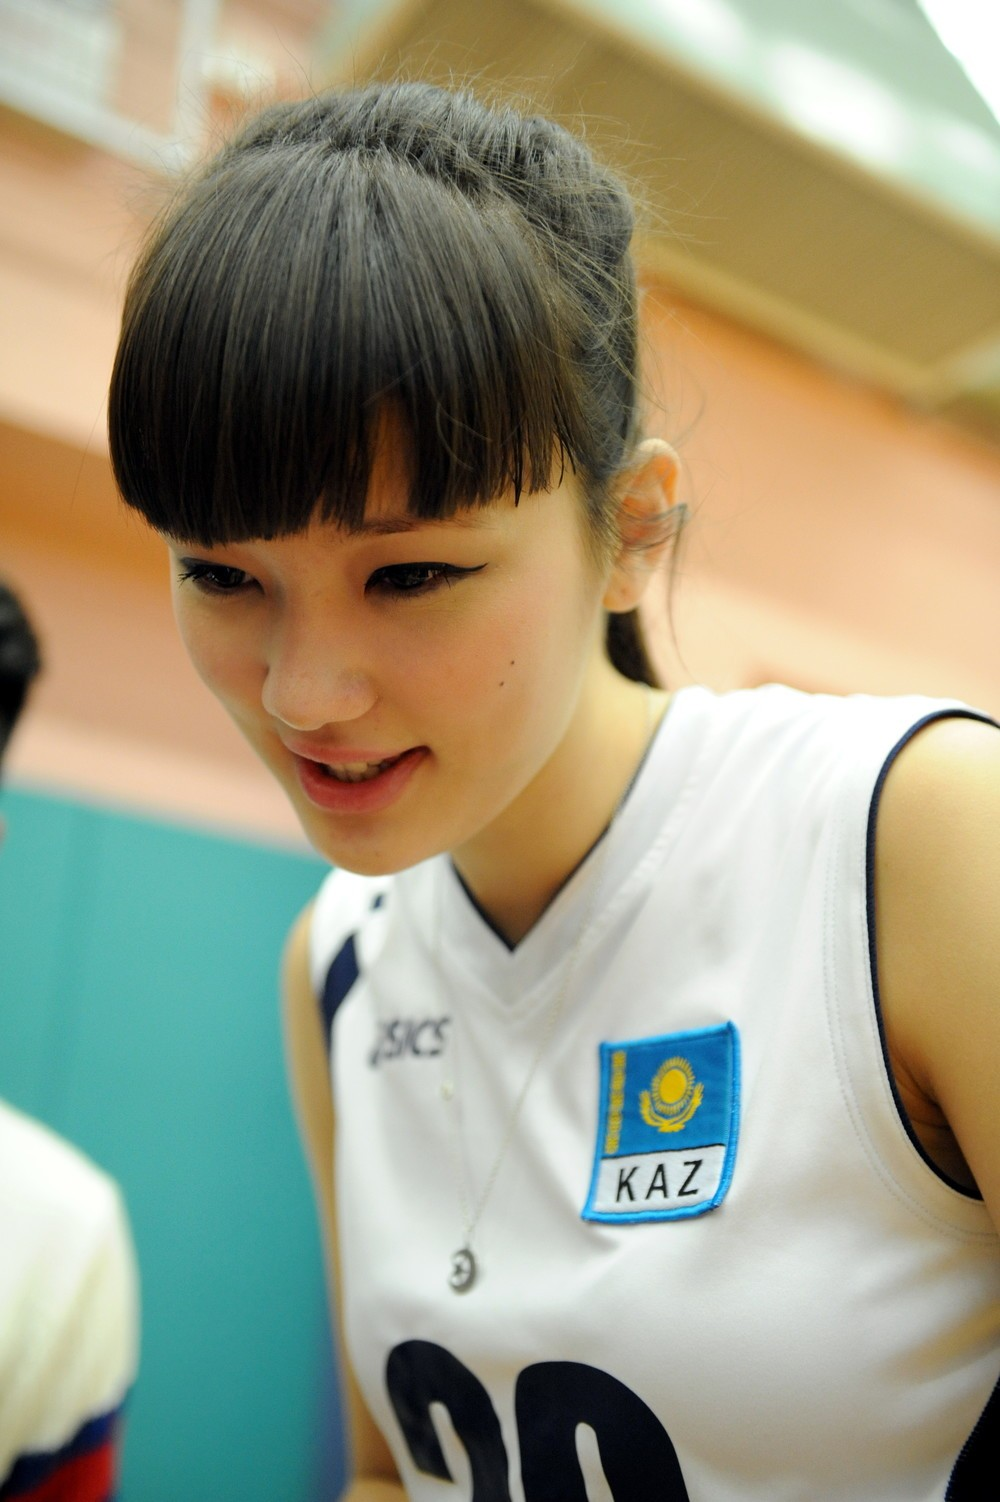 「世界一美しいバレーボール選手」が日本のチームにやってくる! 「人生で初めて観戦に行くか」にわかファンも